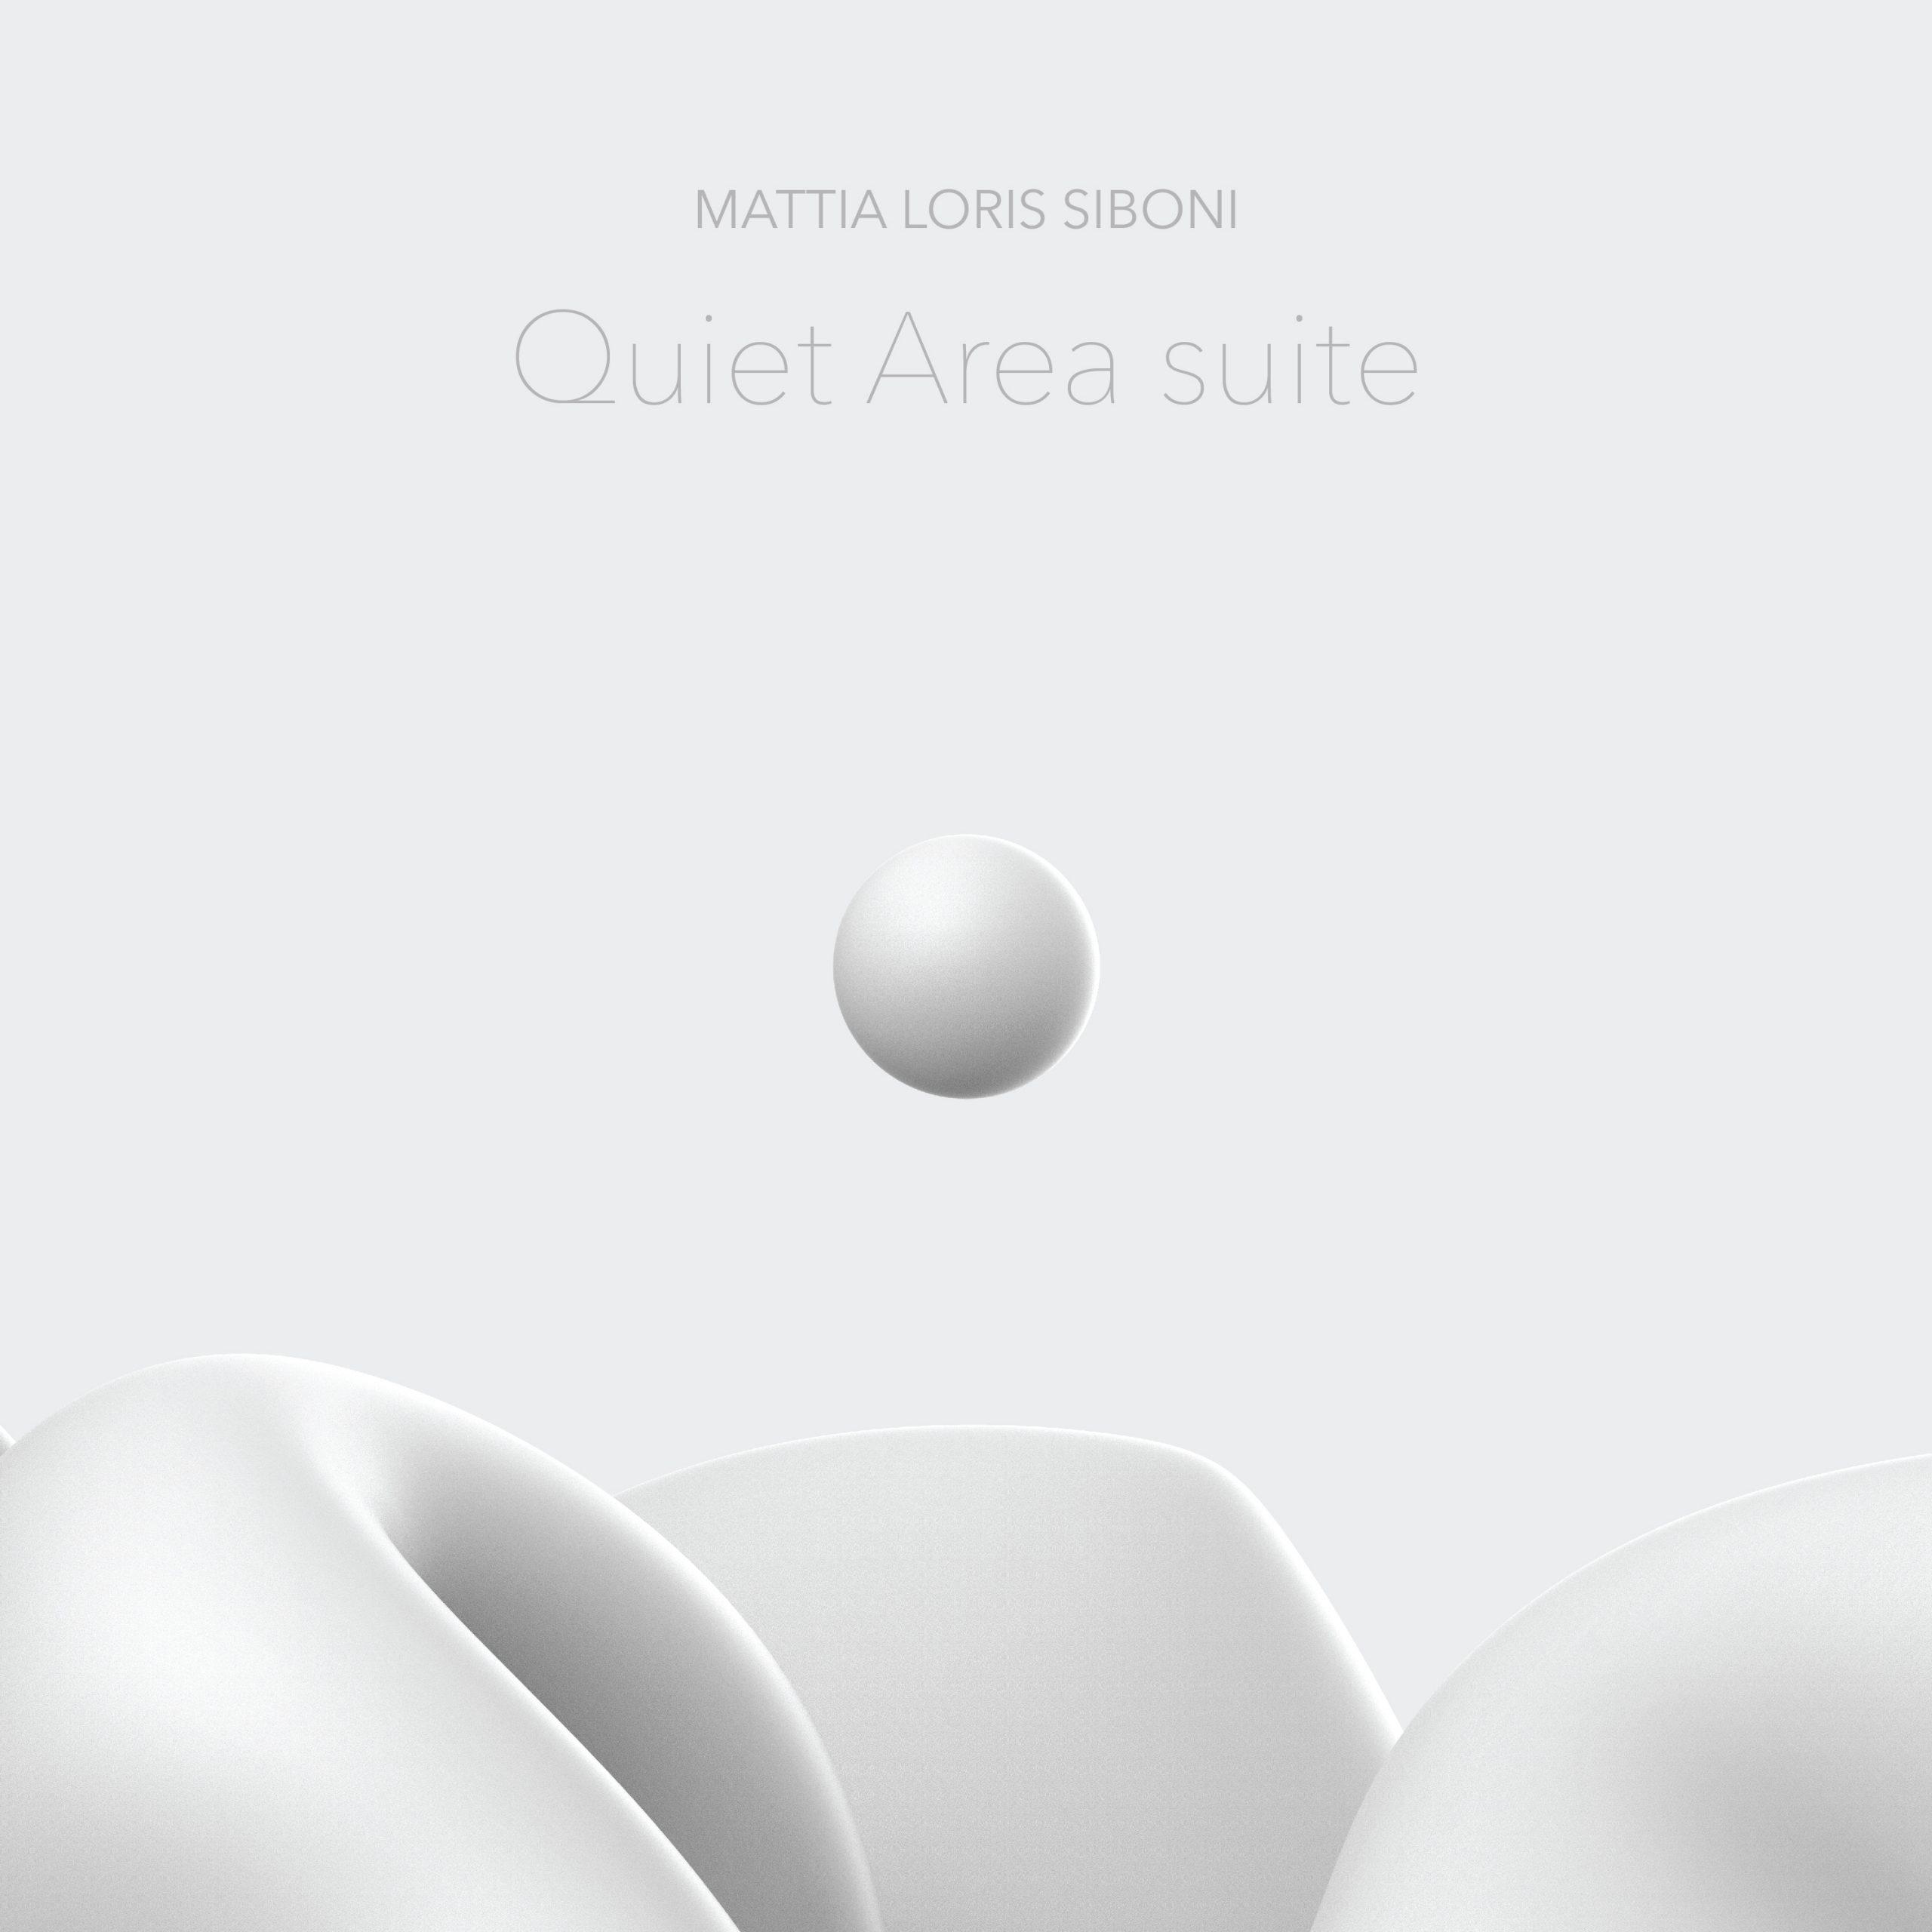 """Mattia Loris Siboni – """"Quiet Area suite"""""""